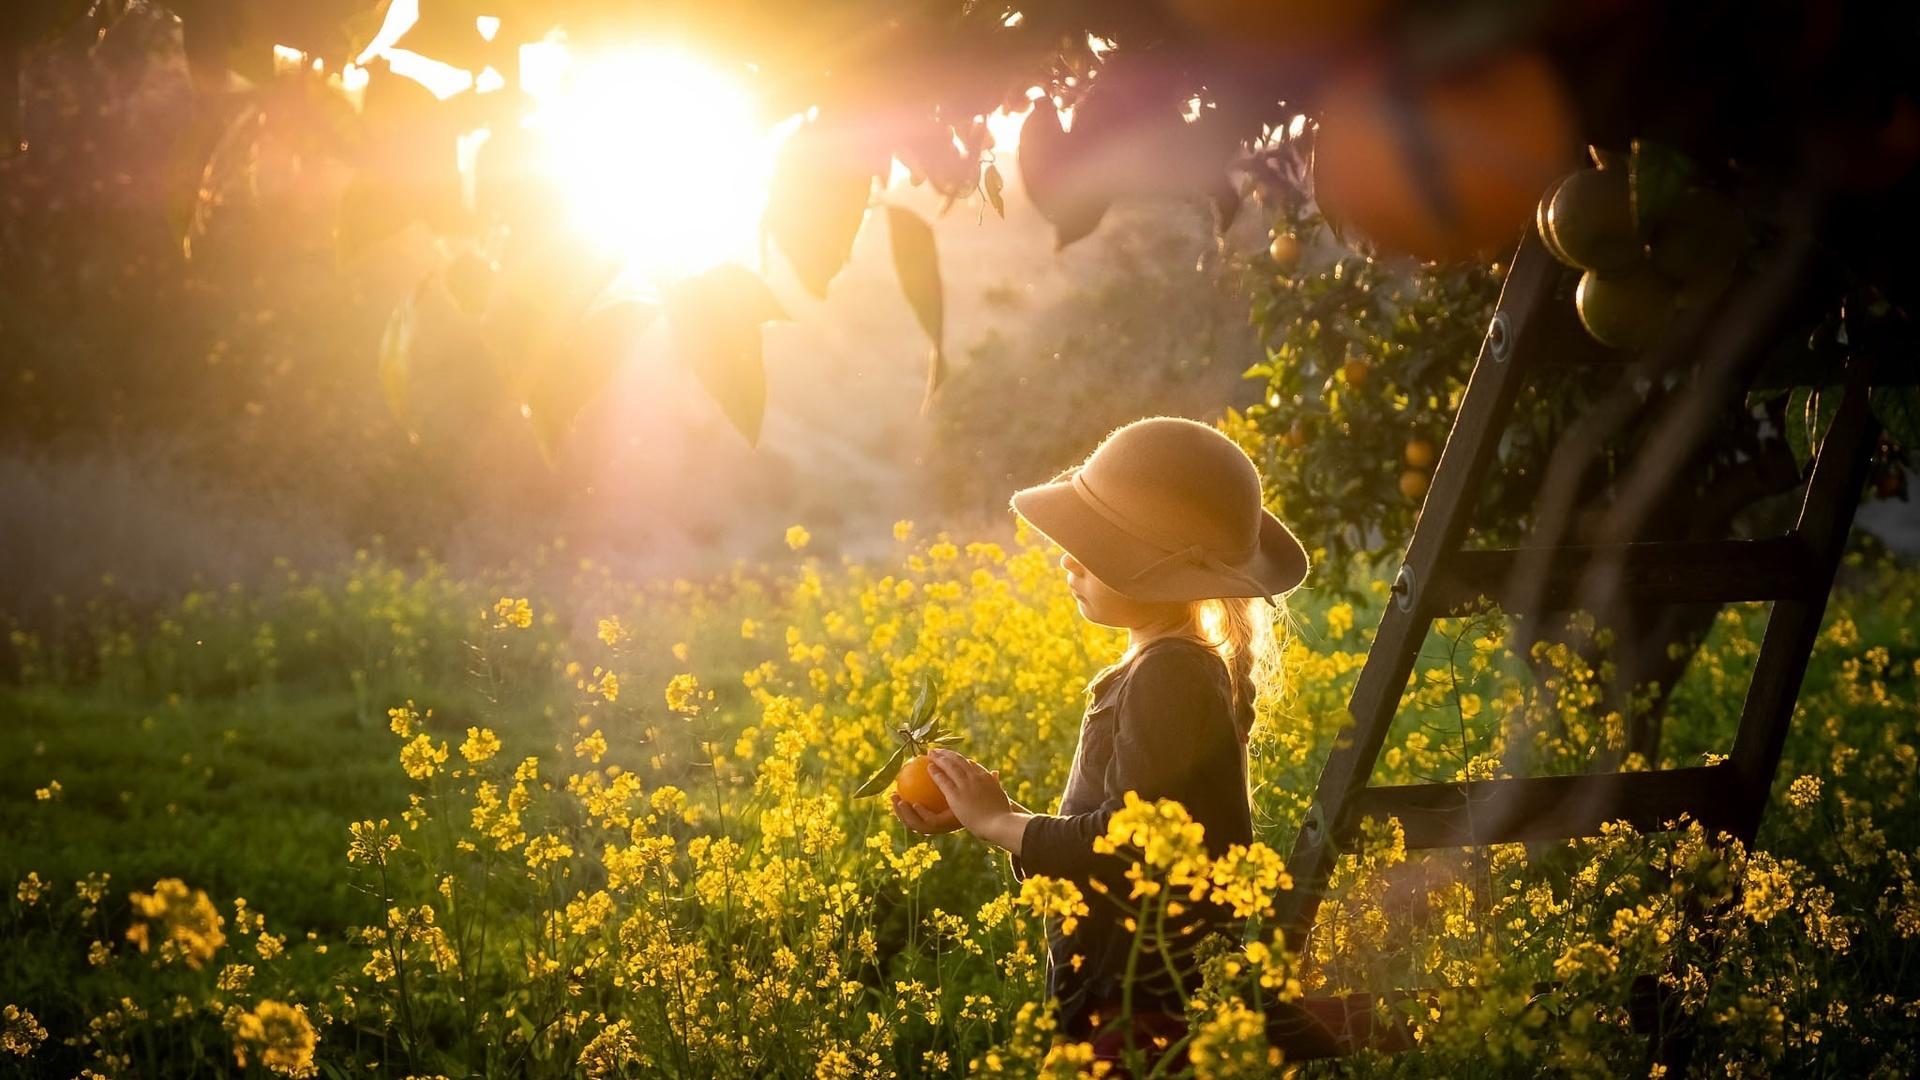 ребёнок, девочка, шляпка, природа, сад, деревья, травы, мандарины, солнце, свет